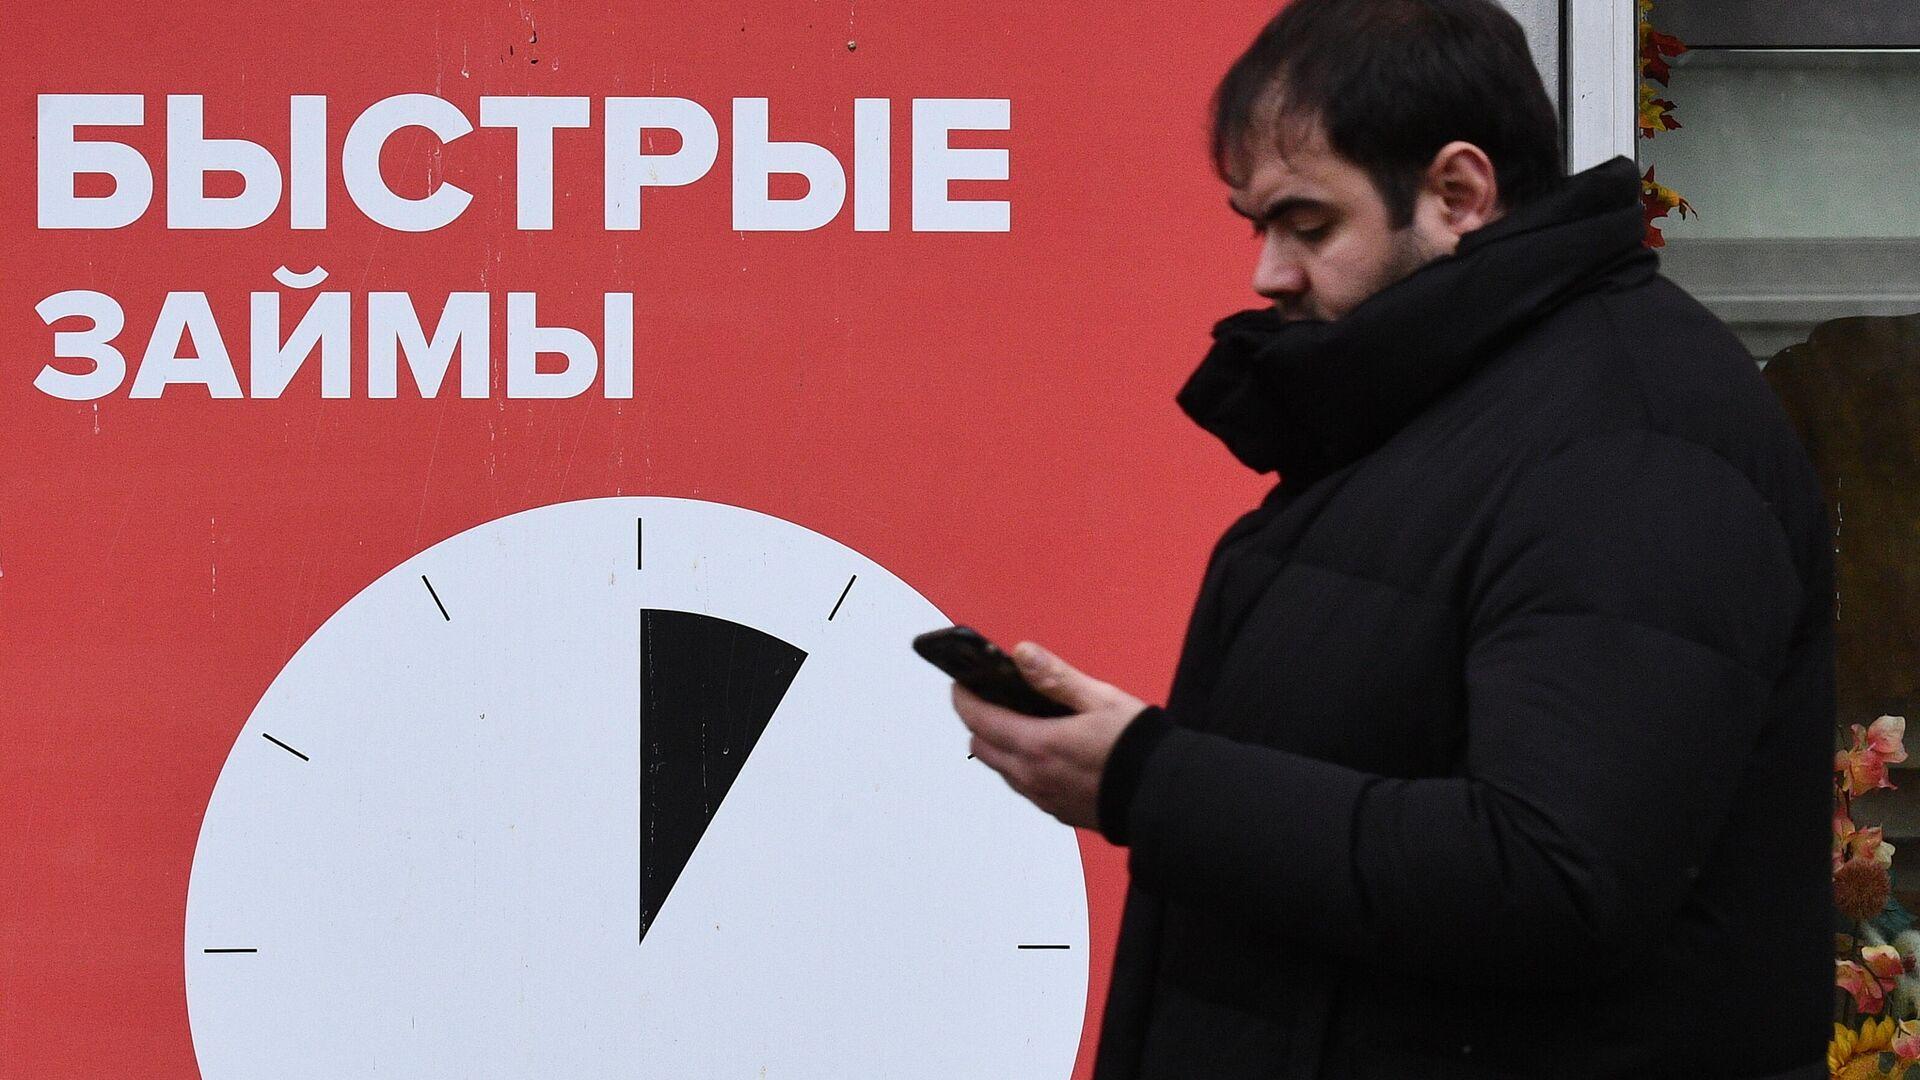 Вывеска о быстрых займах на улице Москвы - РИА Новости, 1920, 06.03.2021